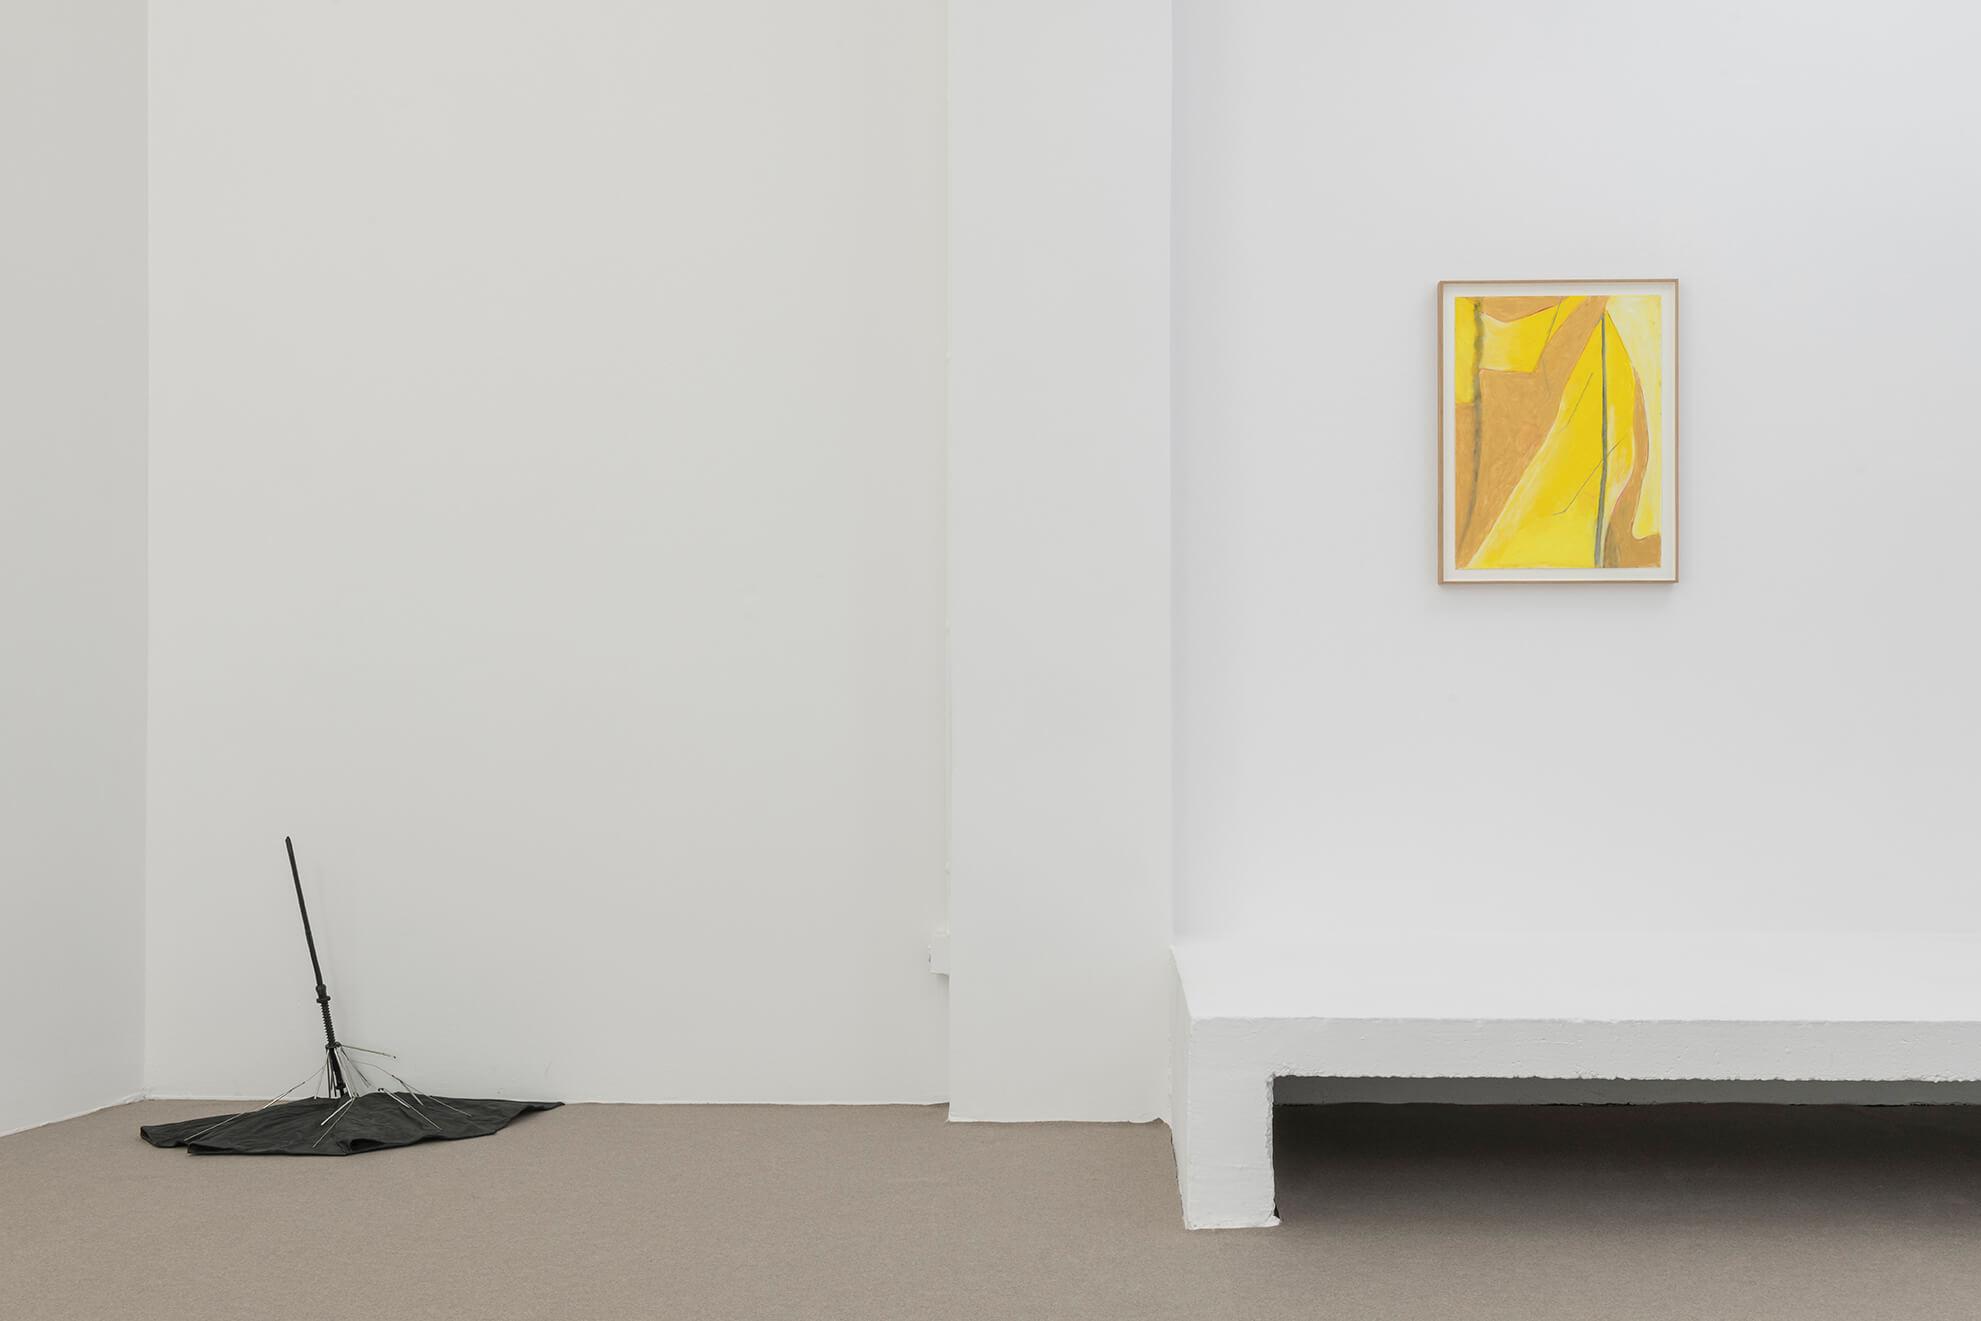 Installation view: Guillaume Leblon. America, ProjecteSD | FIAC 2019 | ProjecteSD